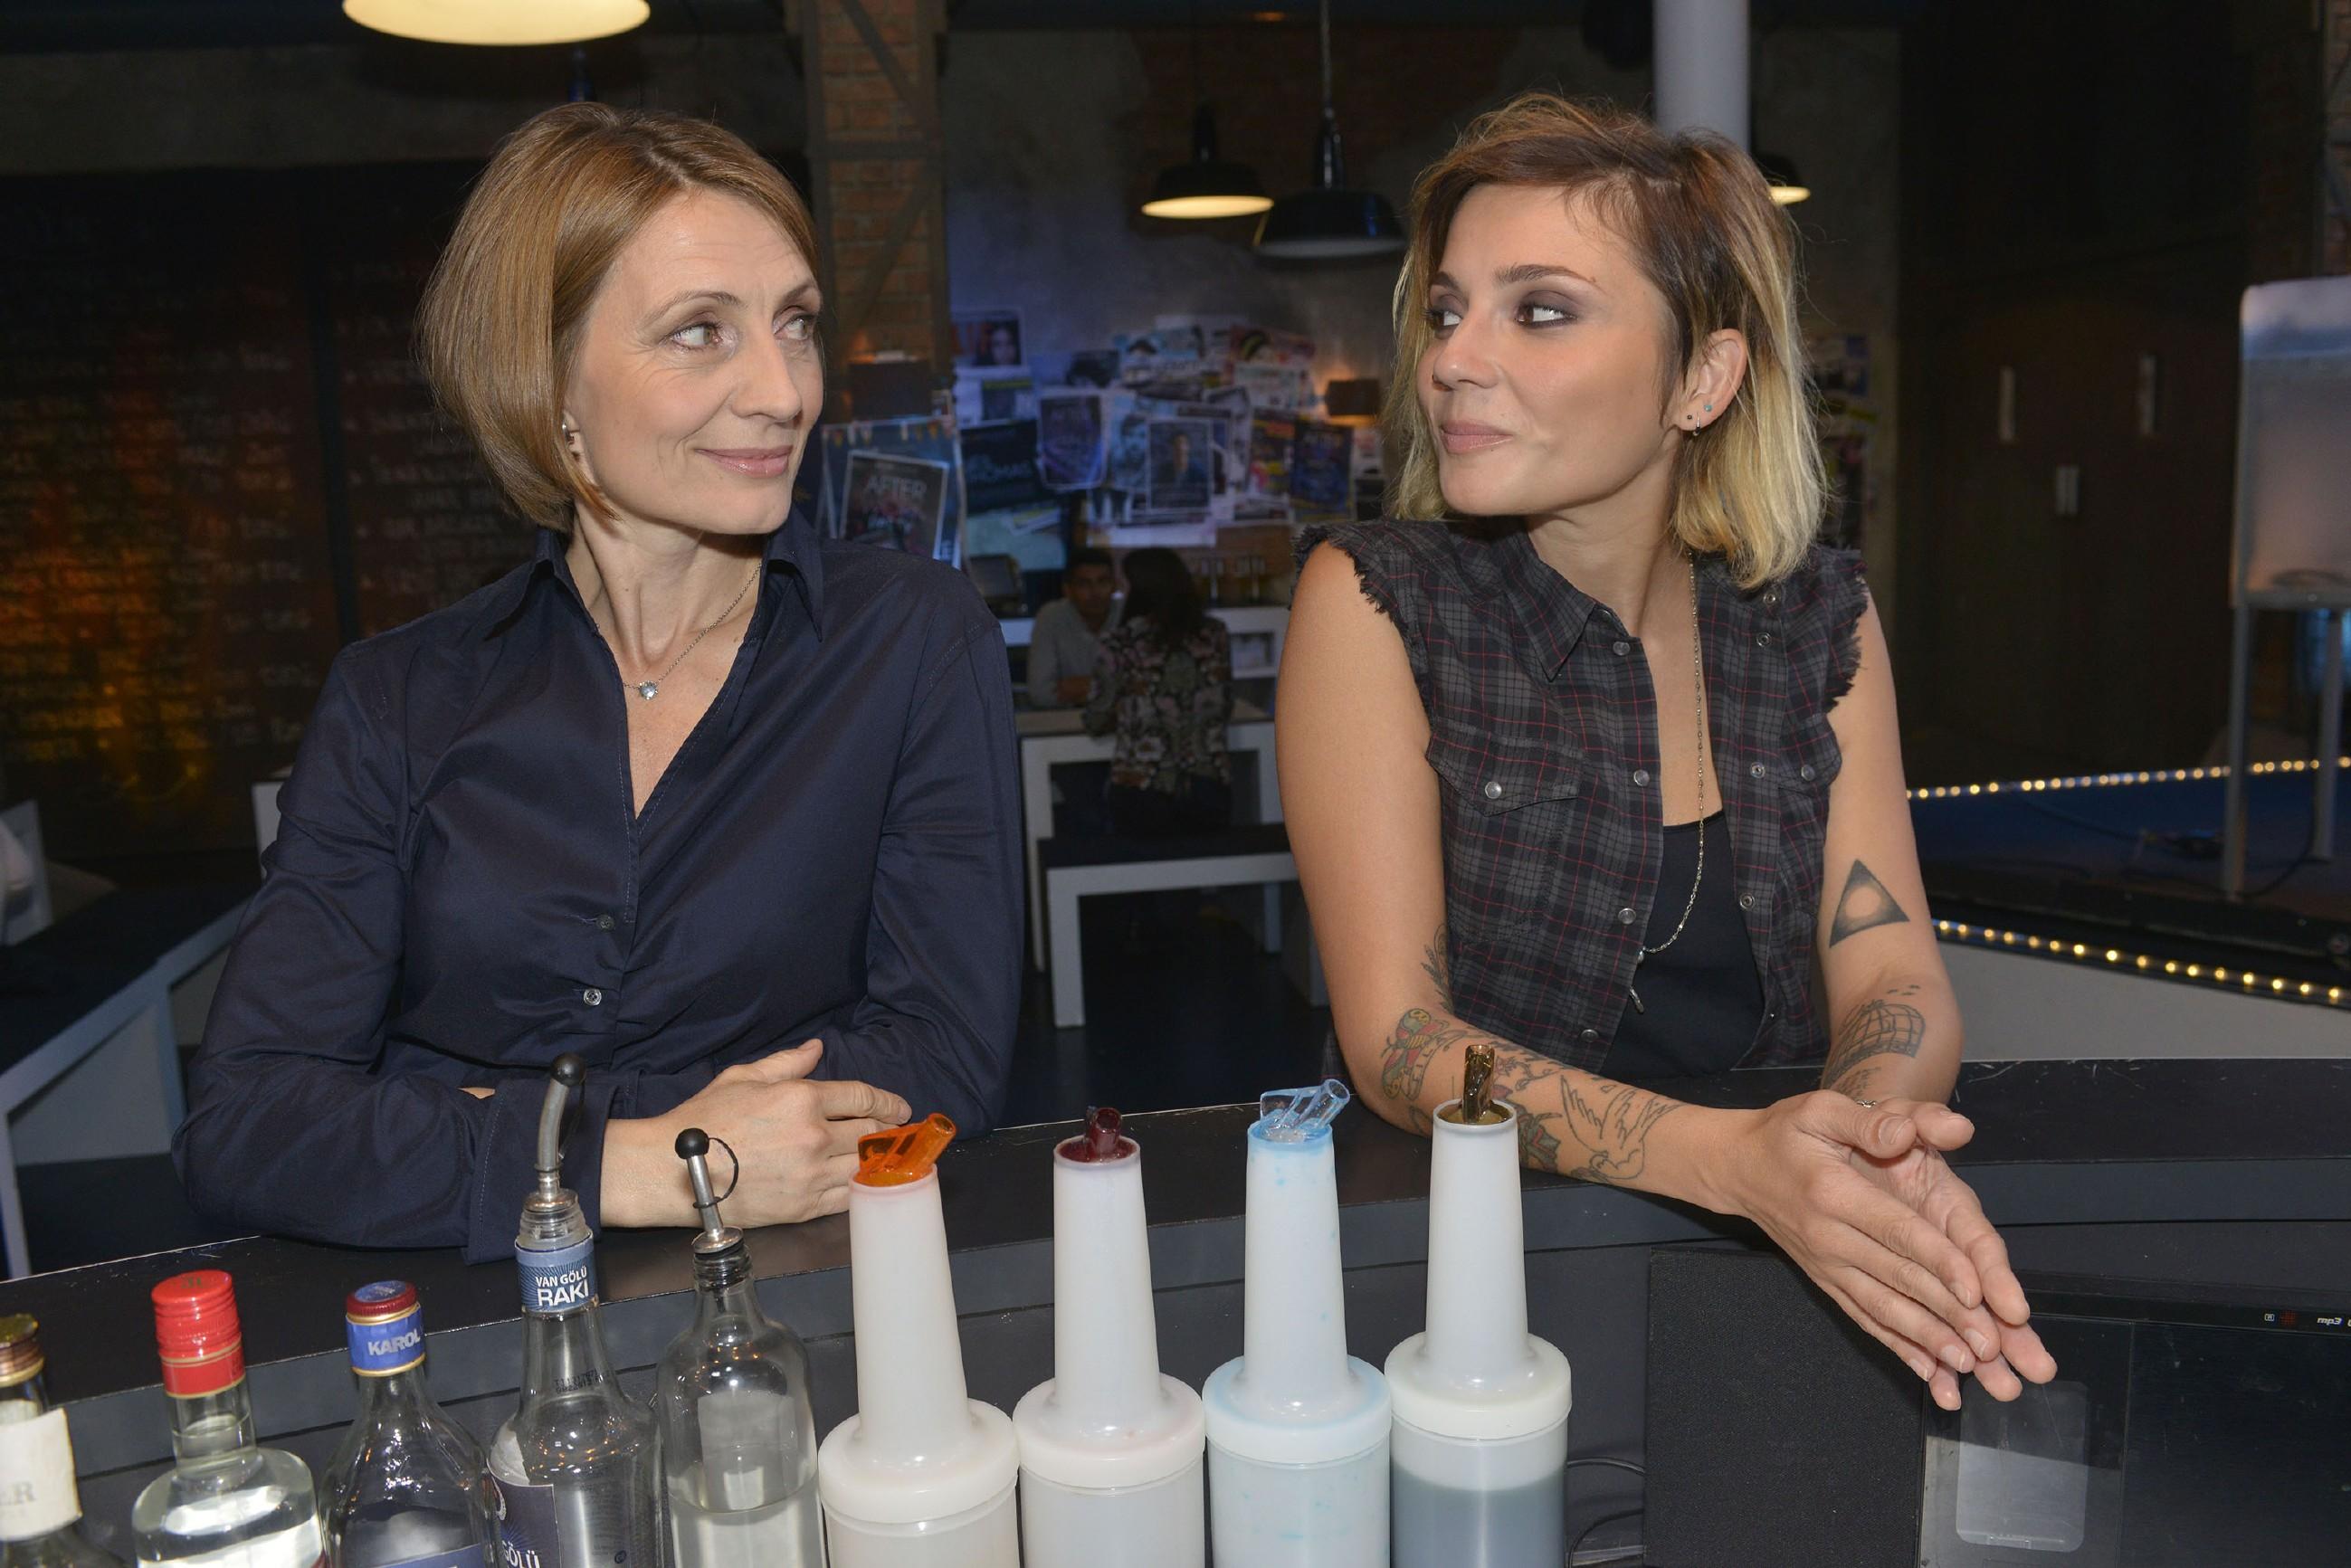 Anni (Linda Marlen Runge, r.) kann ihre Begierde für Rosa (Joana Schümer) nicht unterdrücken. (Quelle: RTL / Rolf Baumgartner)